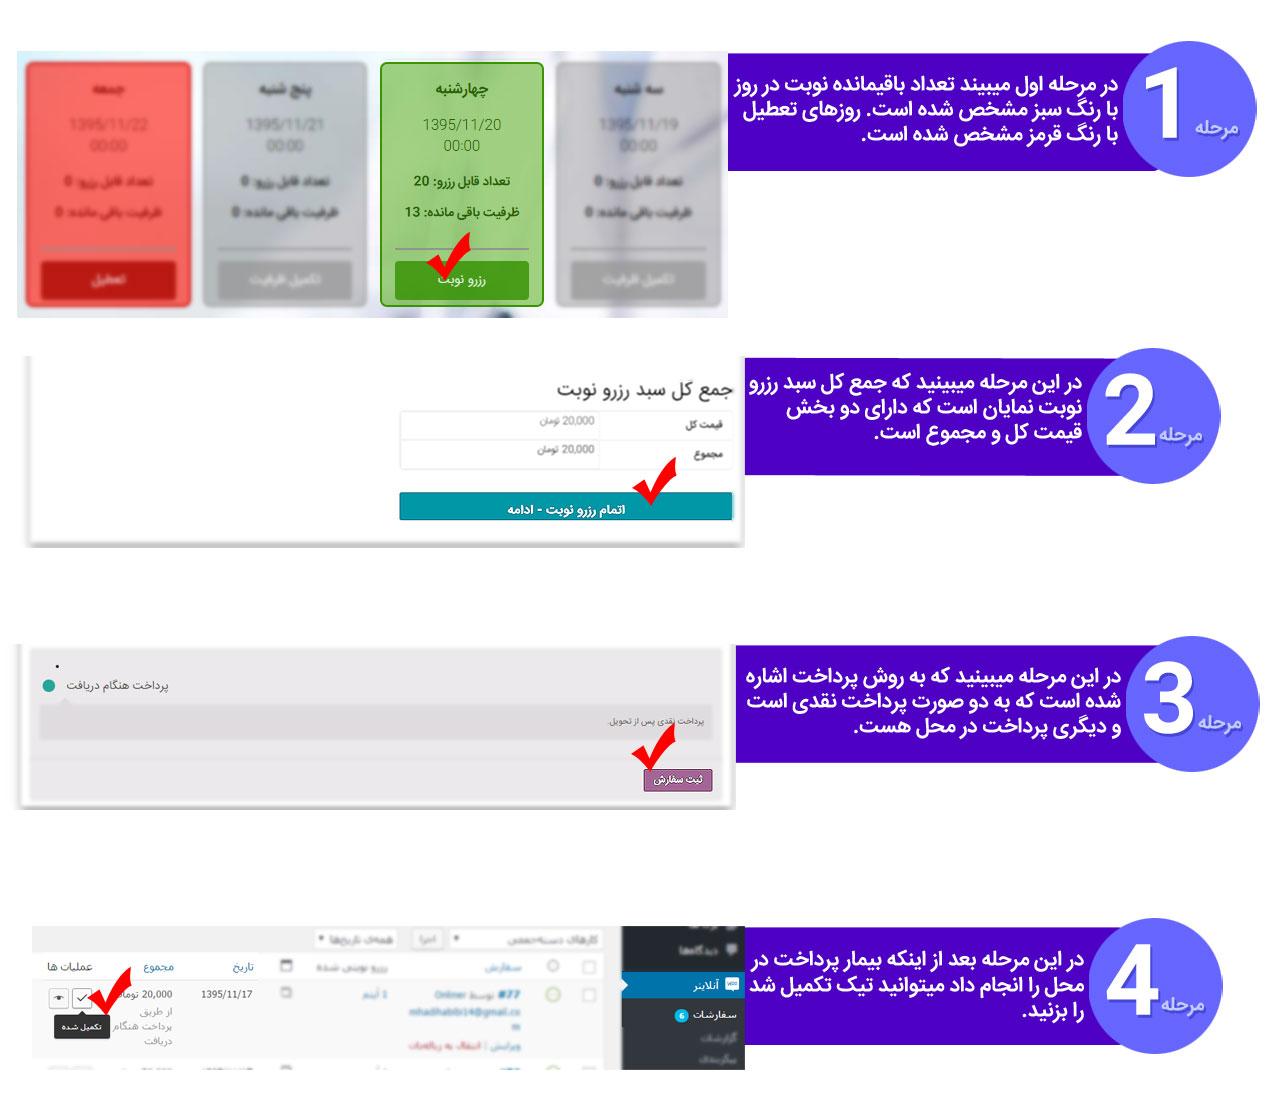 قالب وردپرس دکتر آنلاین,قالب وردپرس,طراحی سایت پزشک,طراحی سایت دکتر,